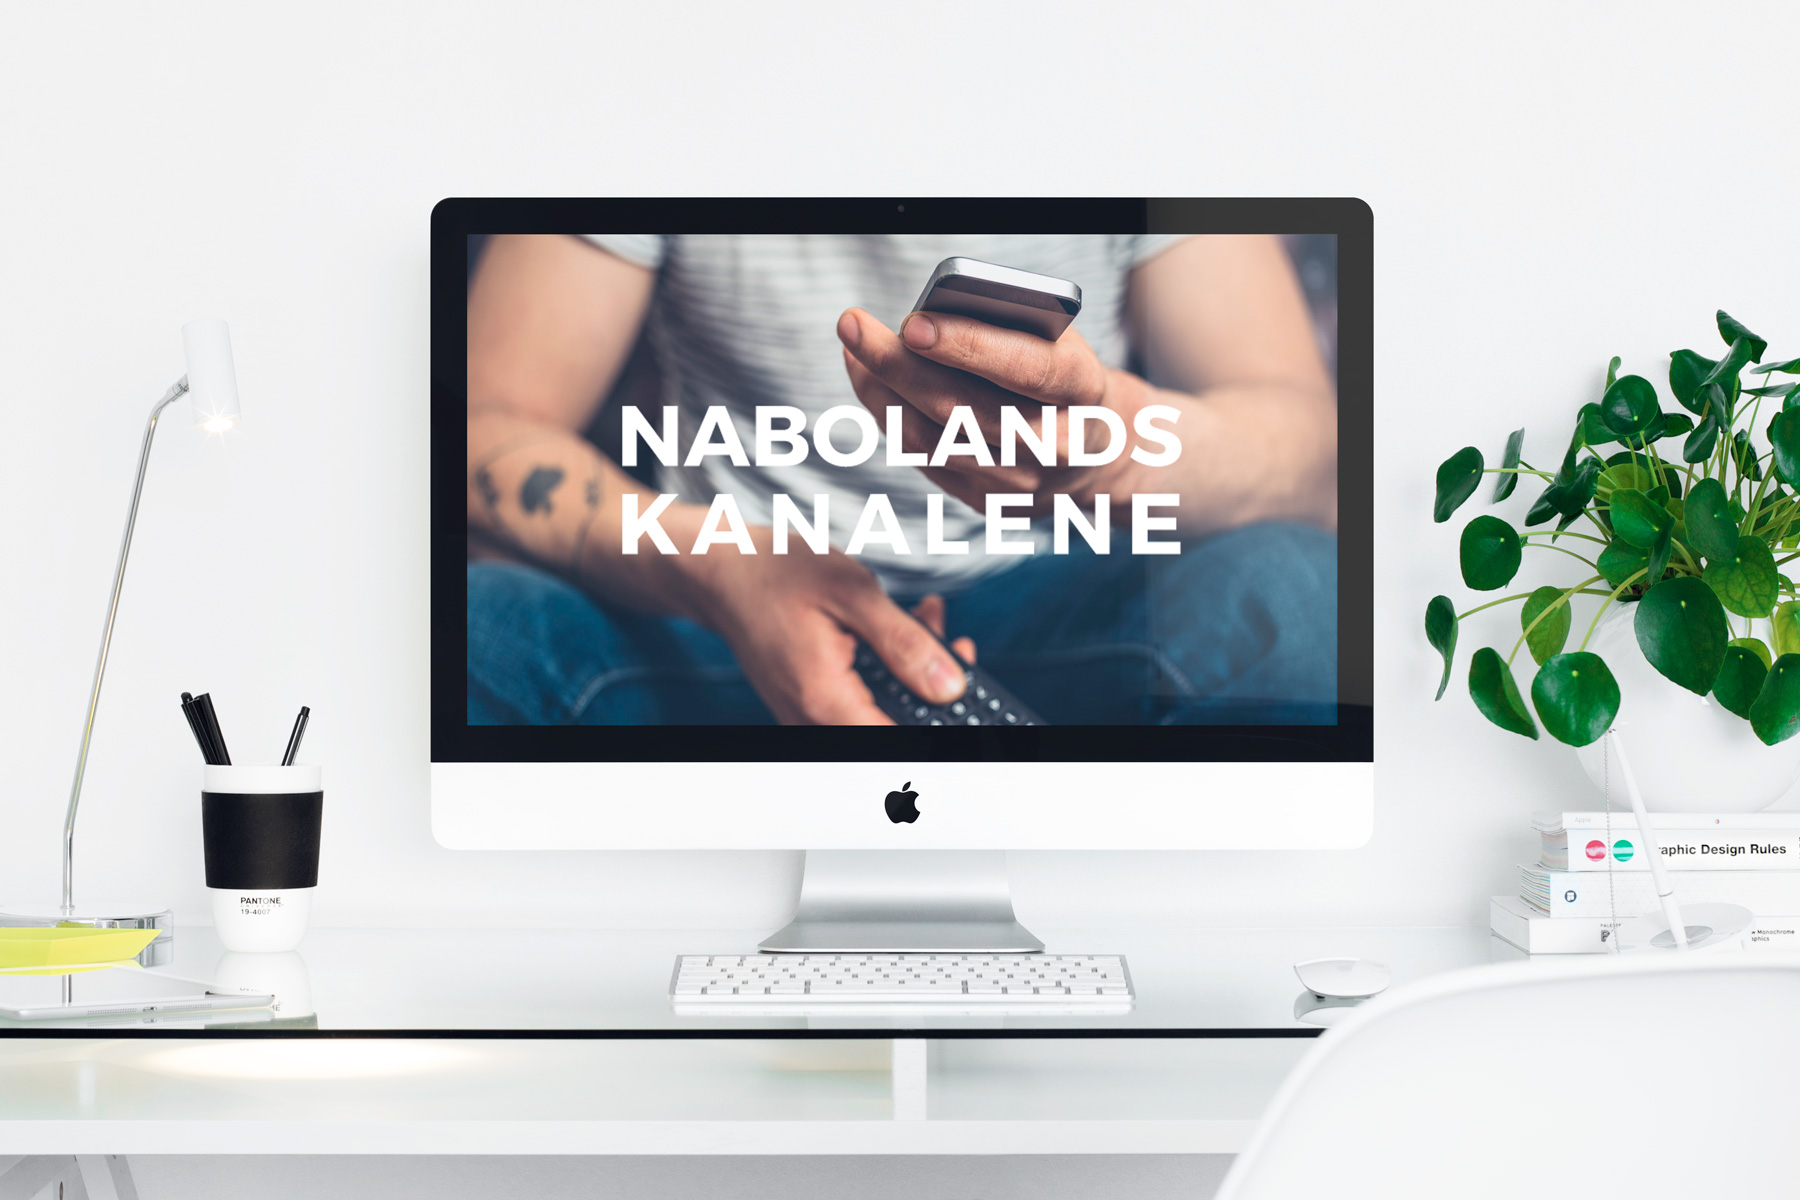 Nabolagskanalene_front